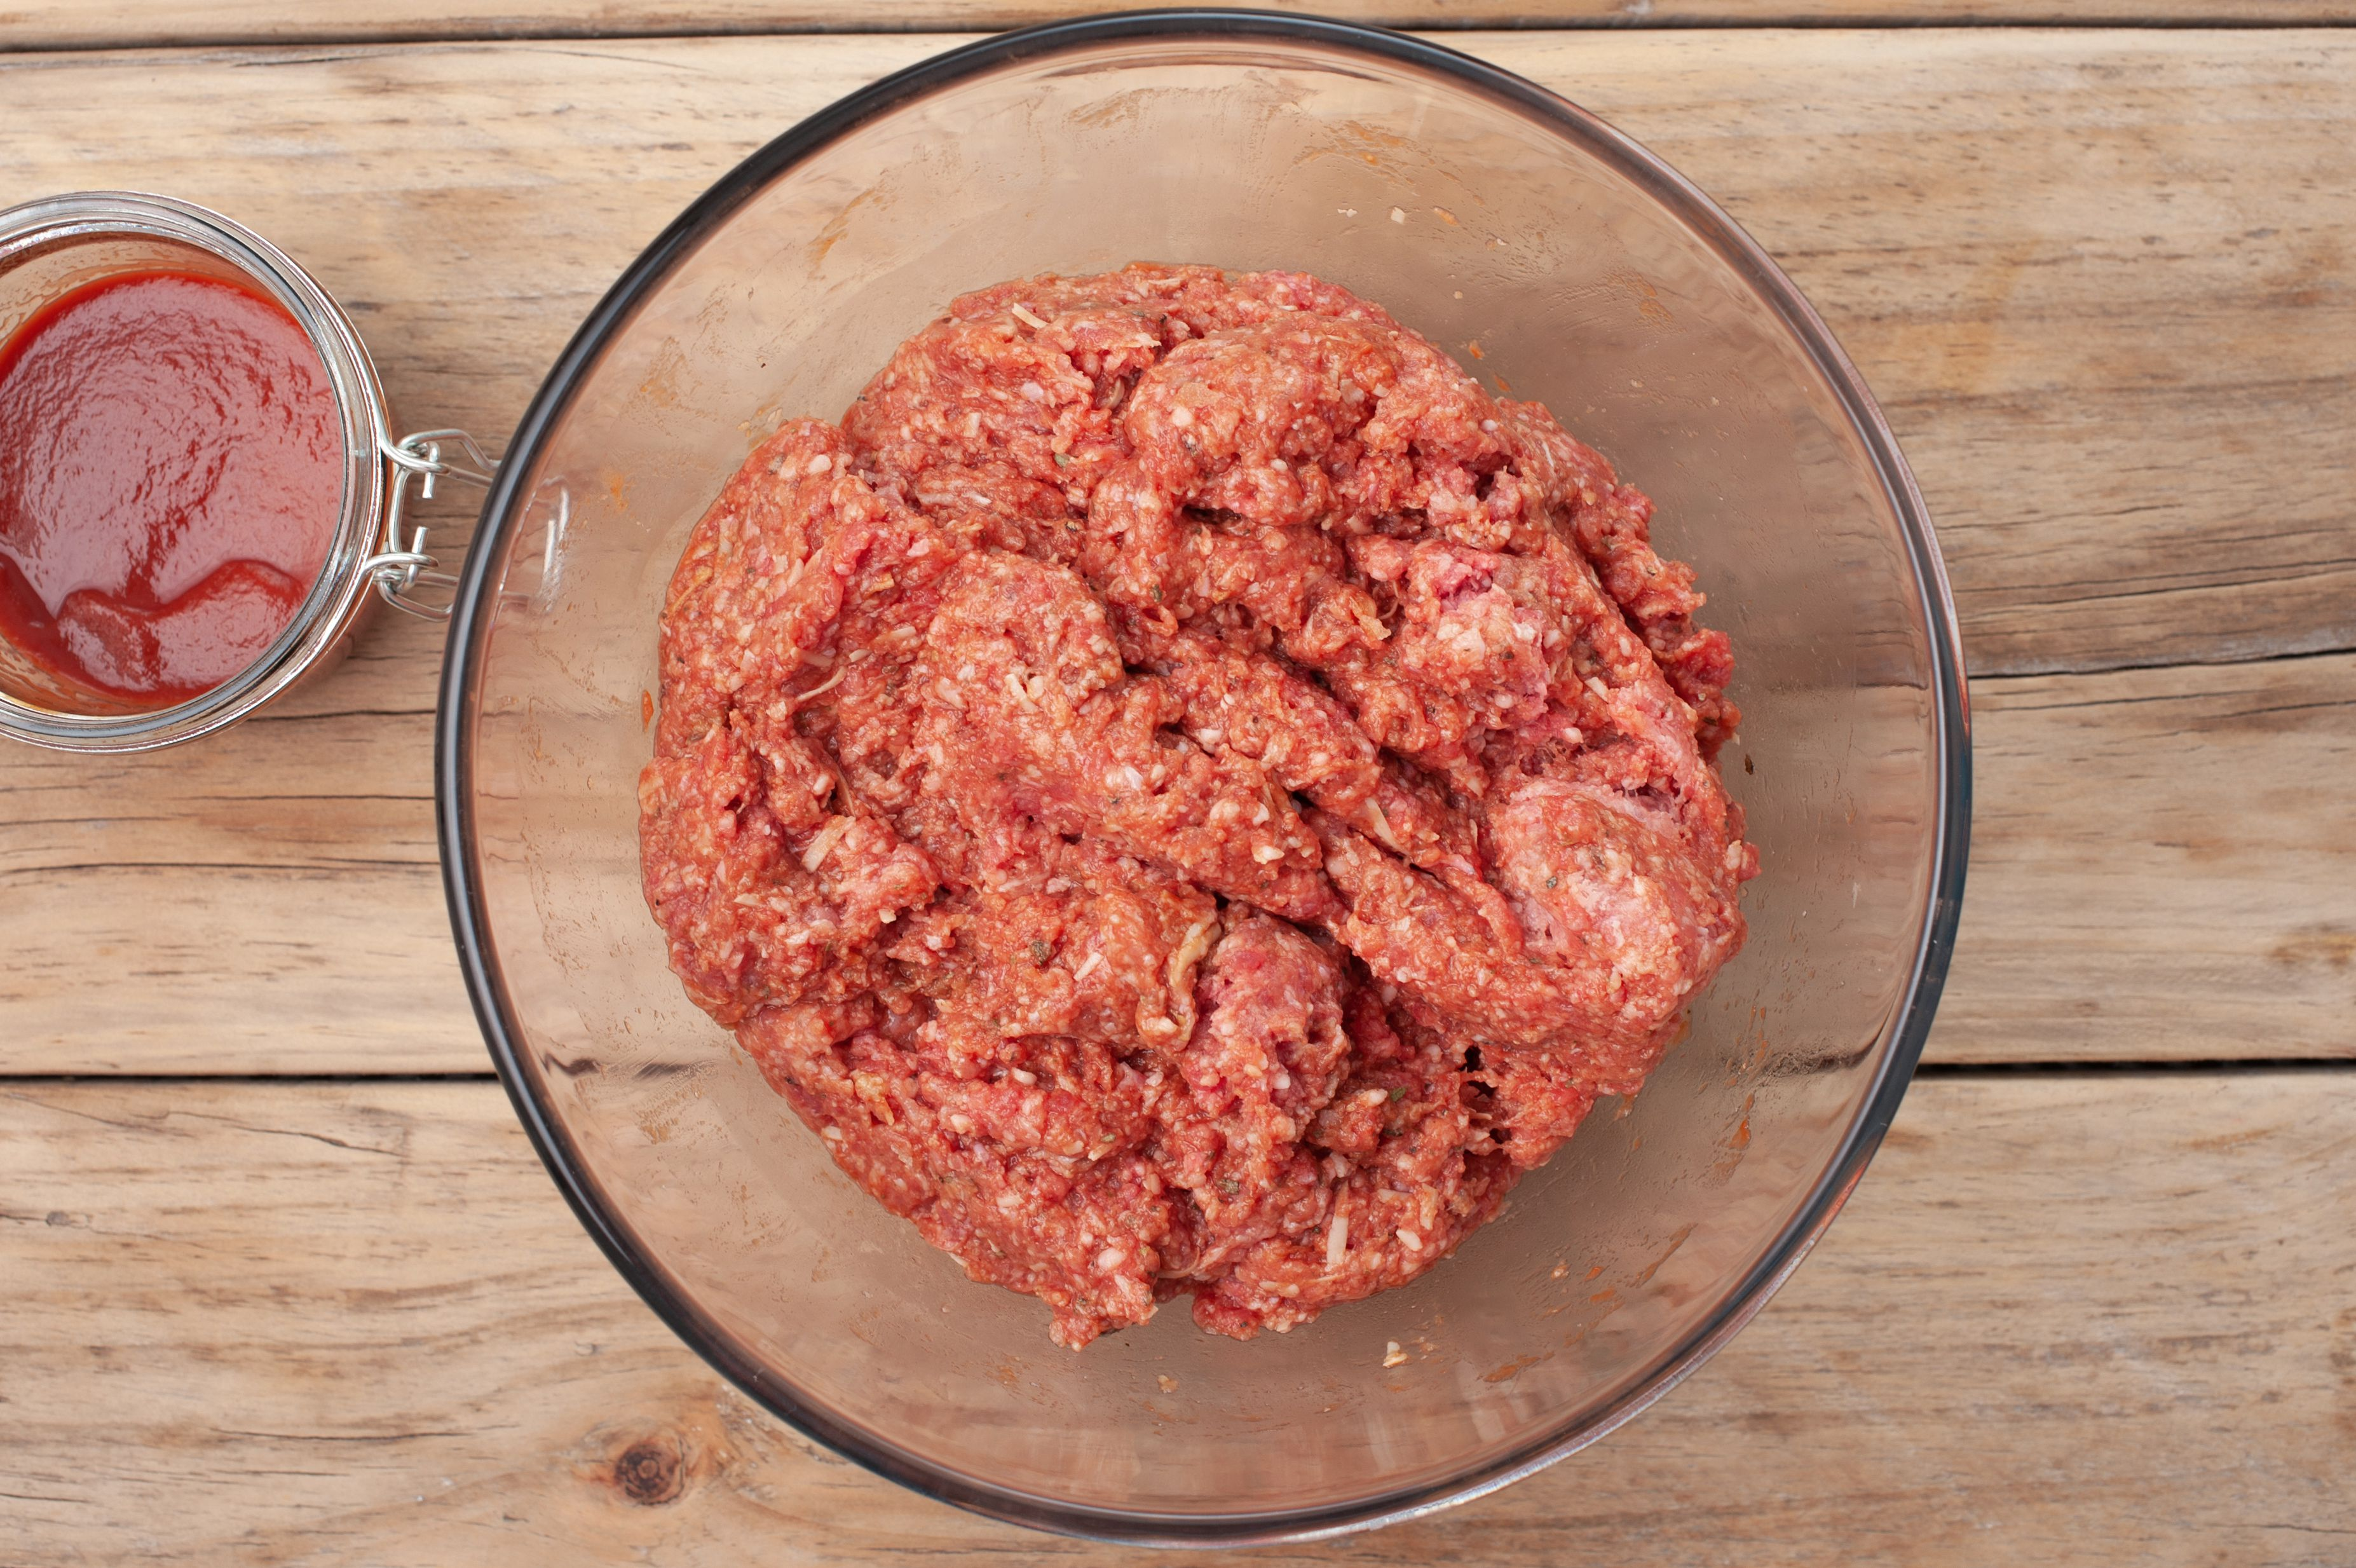 Combine ground beef